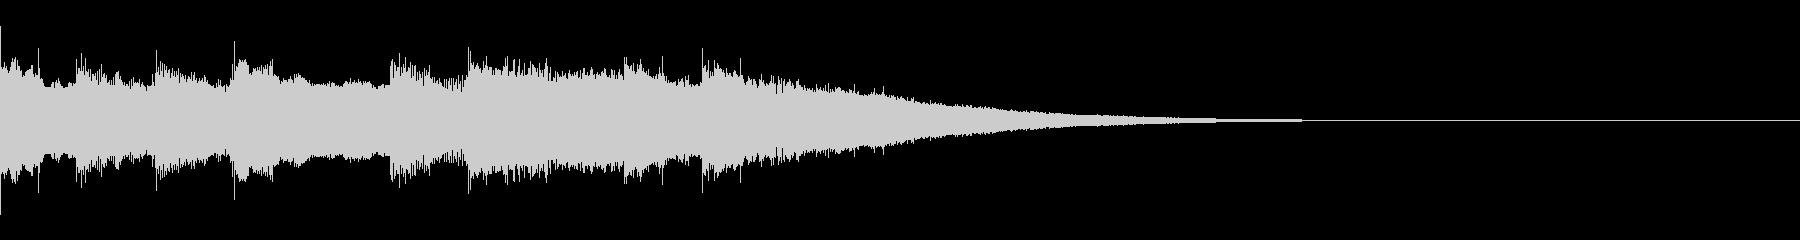 チャイムジングル、オルゴールシャラランの未再生の波形